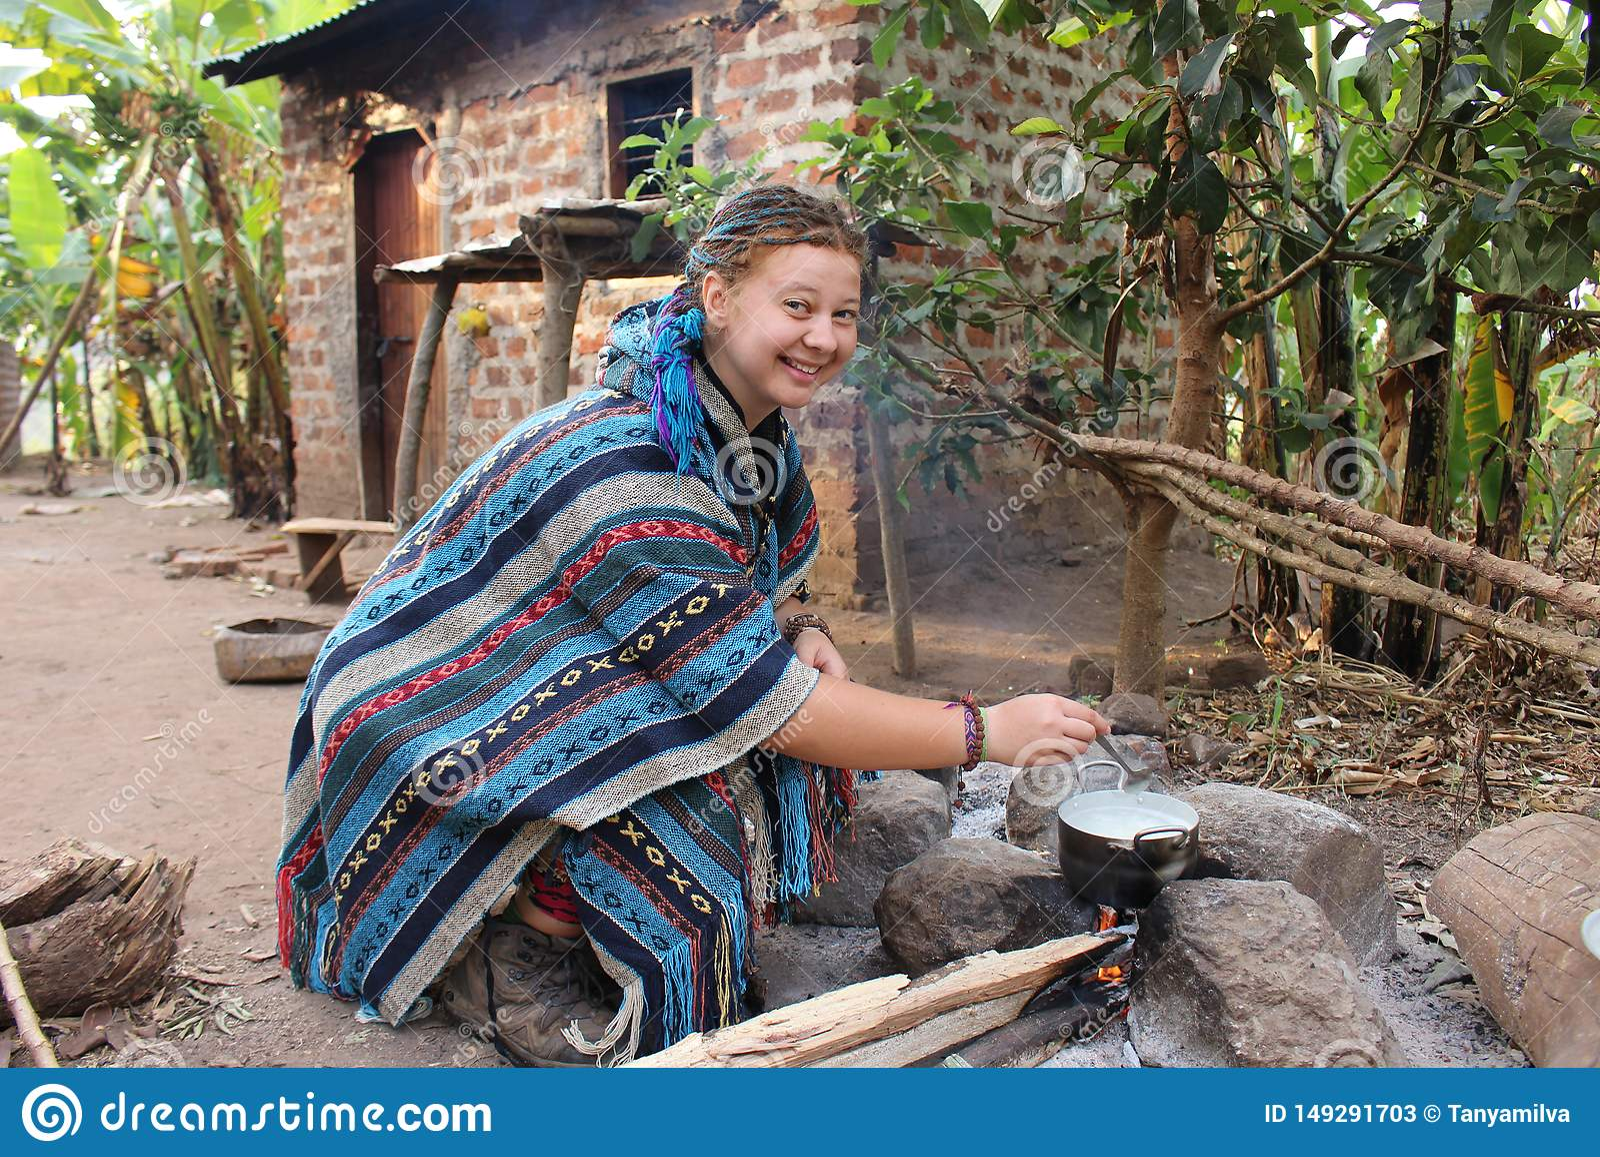 Νέα γυναίκα χίπηδων σε ένα μπλε poncho μαγείρεμα σε μια πυρά προσκόπων campground σε ένα χωριό